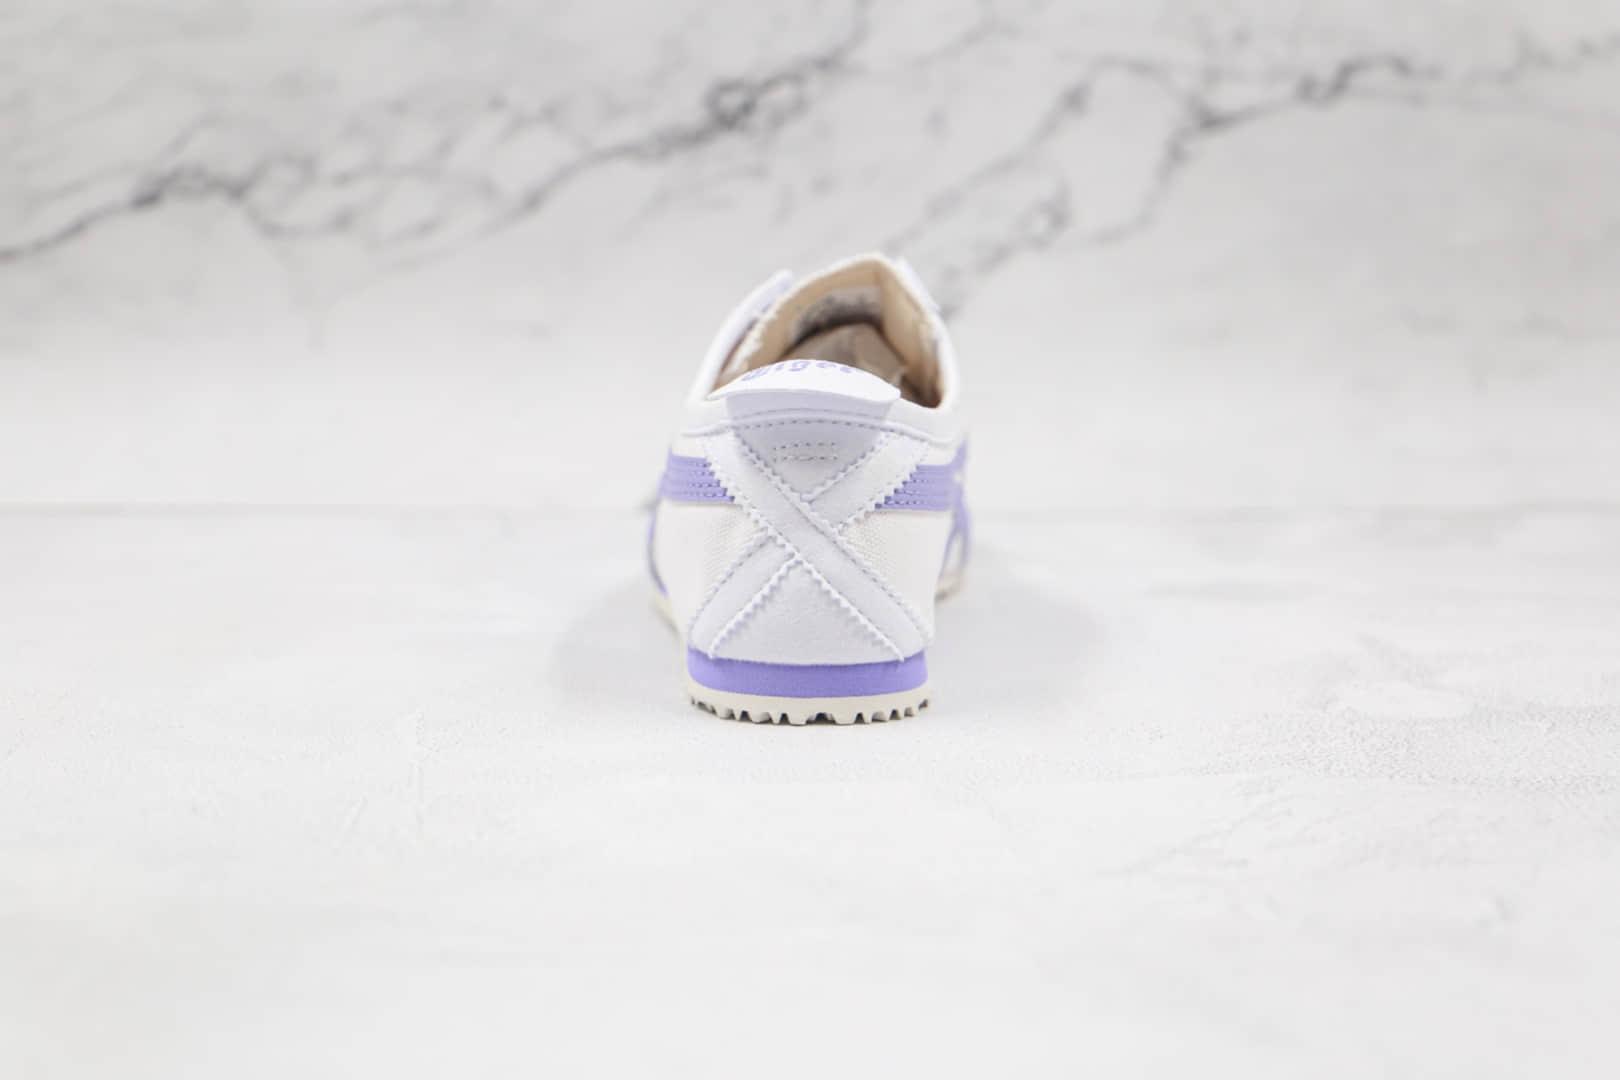 亚瑟士ASICS Onitsuka tiger公司级版本鬼冢虎白紫色一脚蹬帆布鞋原档案数据开发 货号:1183B772-101